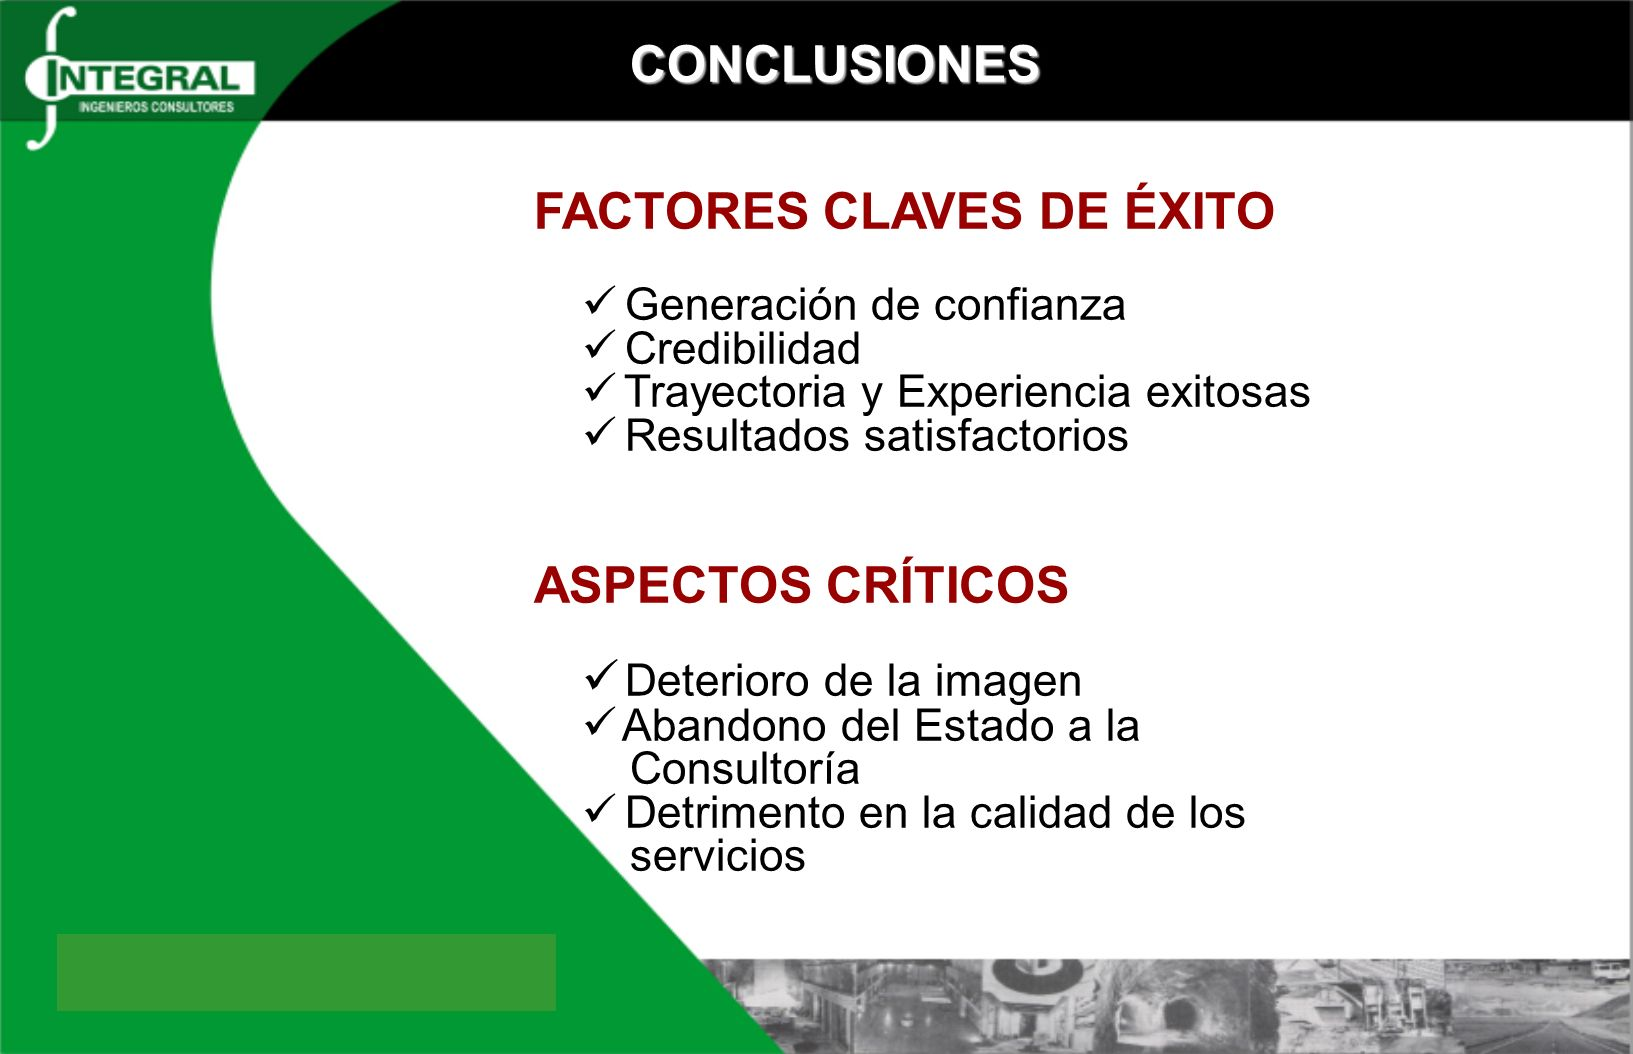 FACTORES CLAVES DE ÉXITO